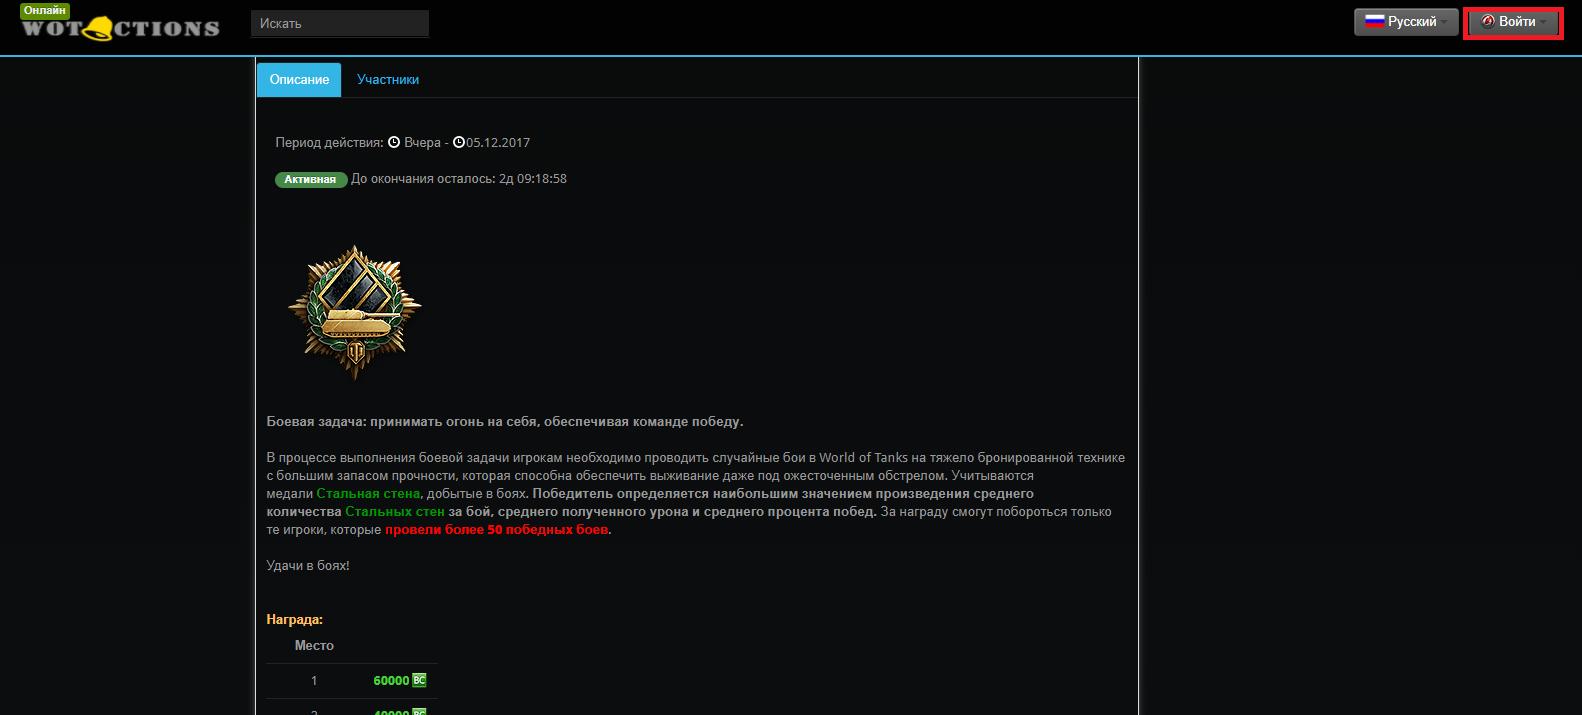 HHIDESU  крупный форум по сливу хайдов взлома